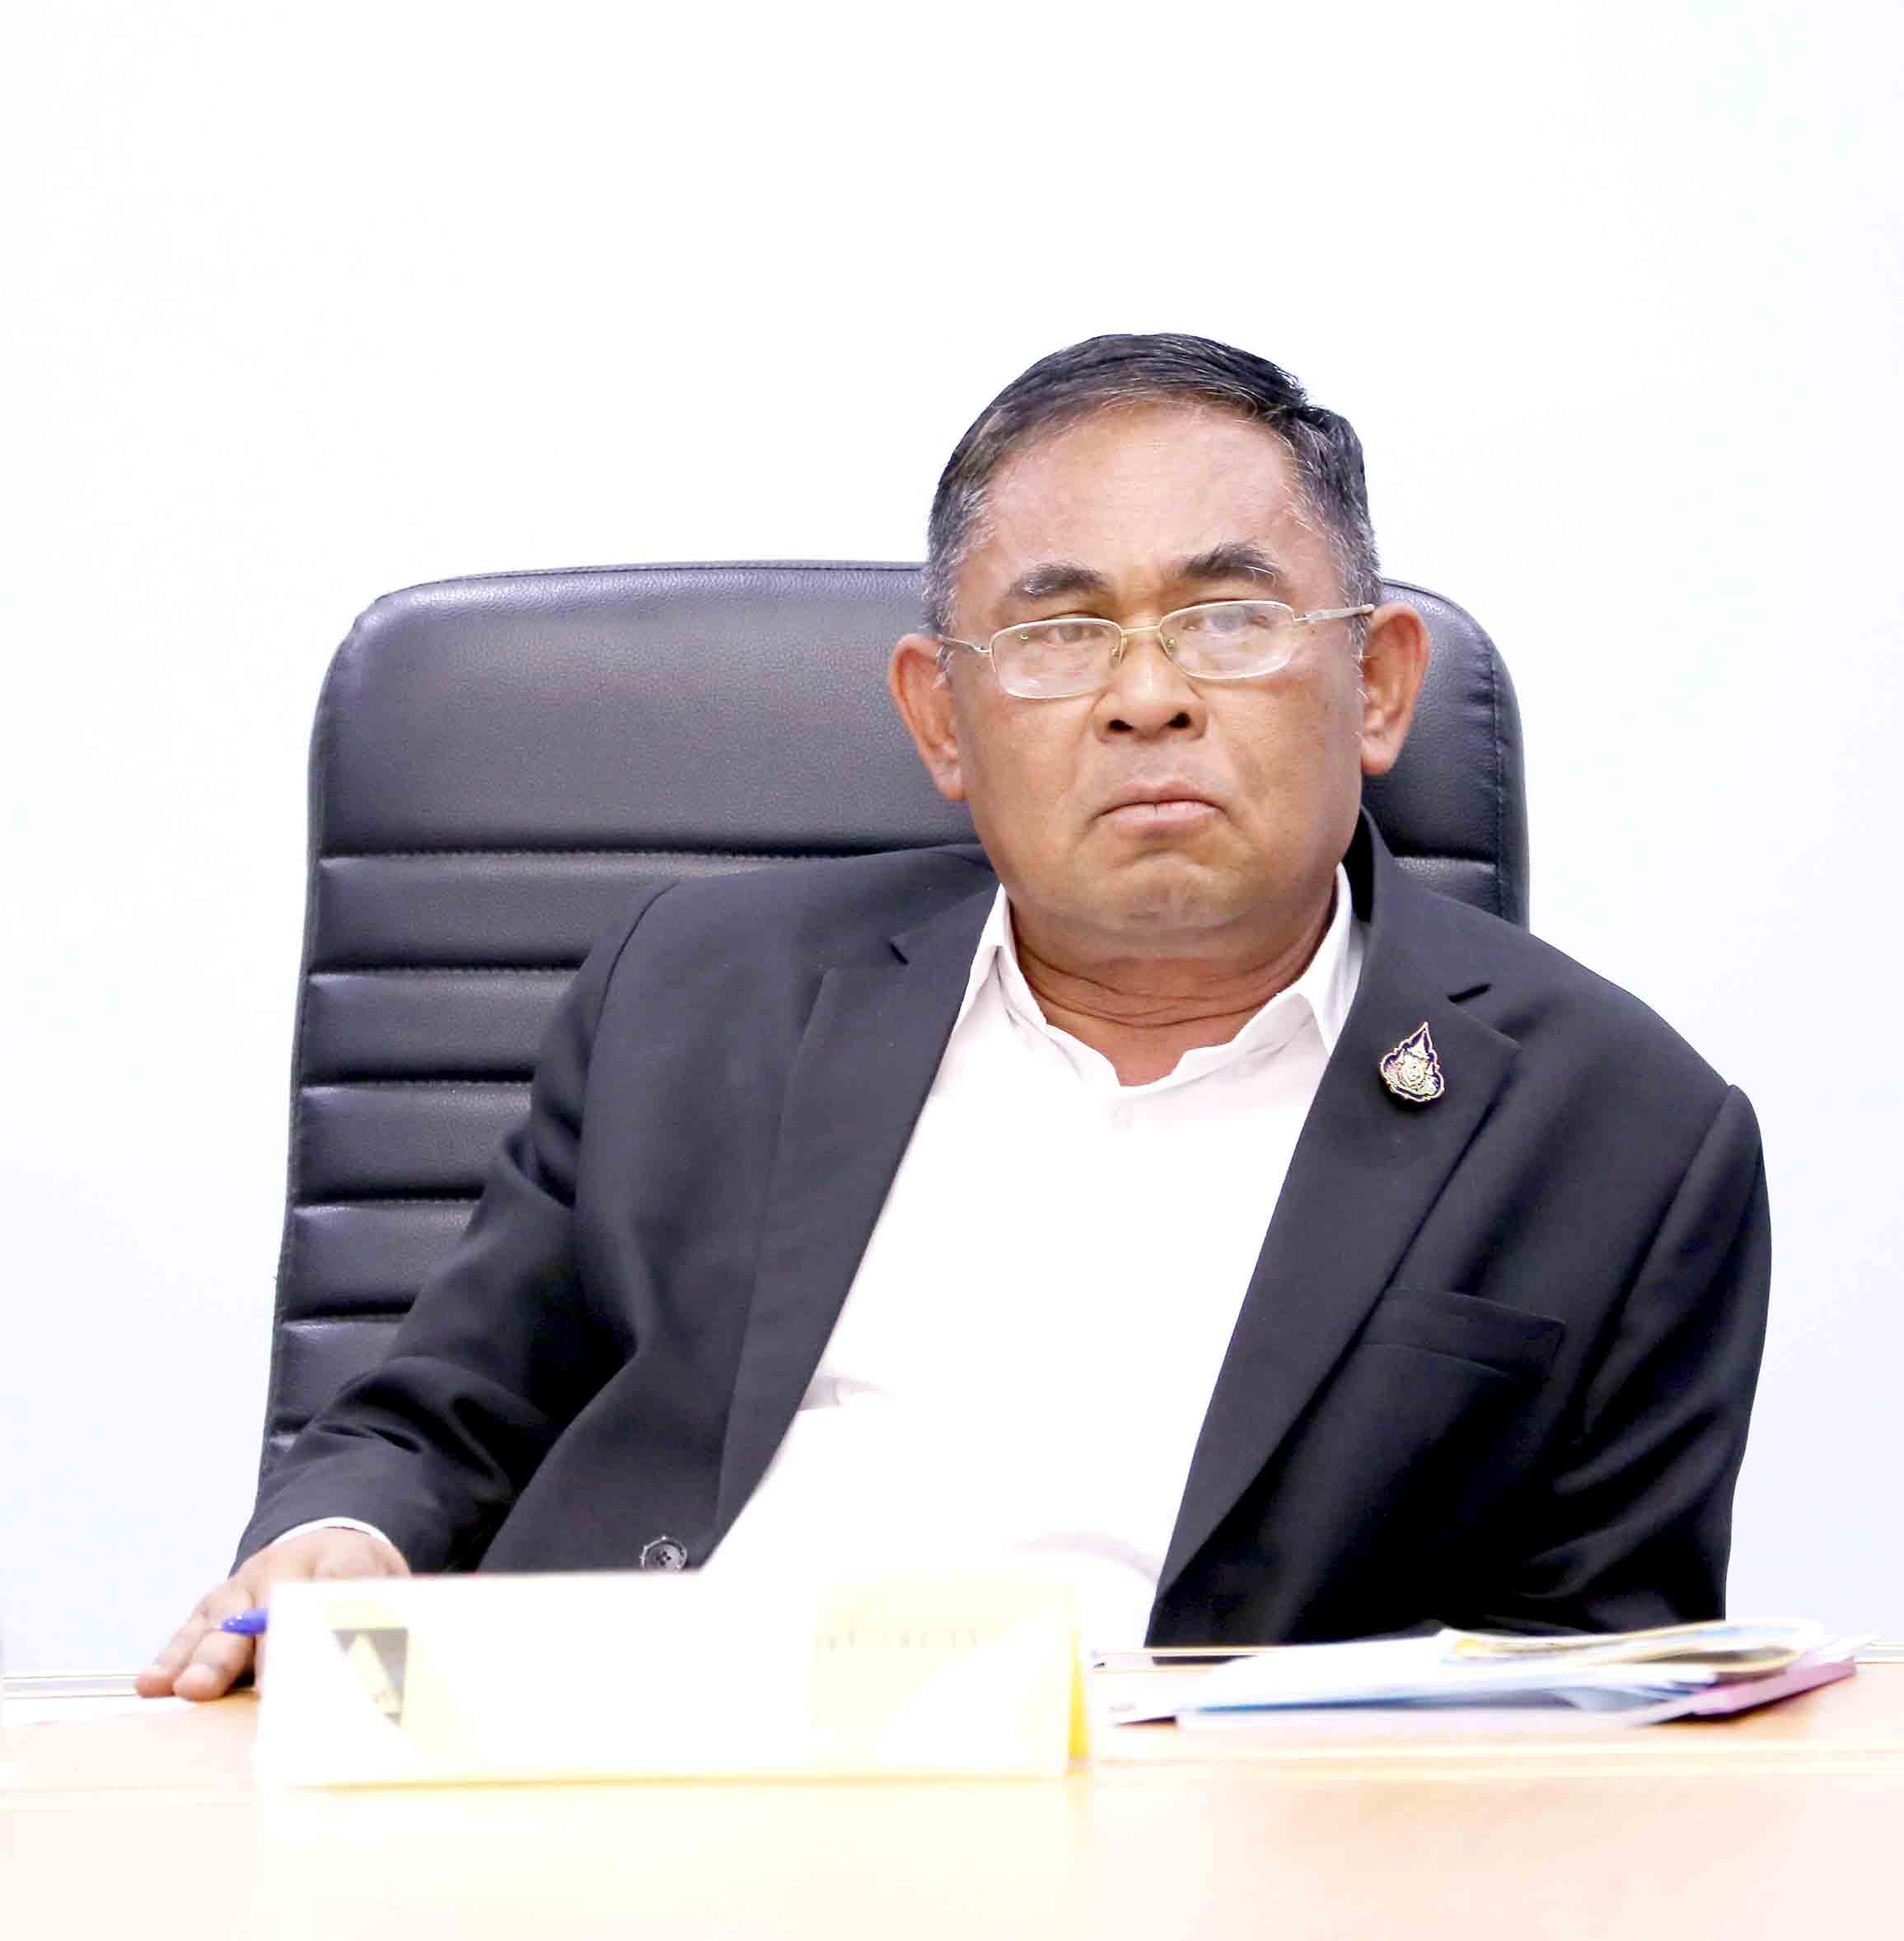 ประชุมหารือ เตรียมความพร้อมการตรวจเยี่ยมของ นายสุชาติ ชมกลิ่น รัฐมนตรีว่าการกระทรวงแรงงาน และ ศาสตราจารย์ ดร.นางนฤมล ภิญโญสินวัฒน์ รัฐมนตรีช่วยว่าการกระทรวงแรงงาน